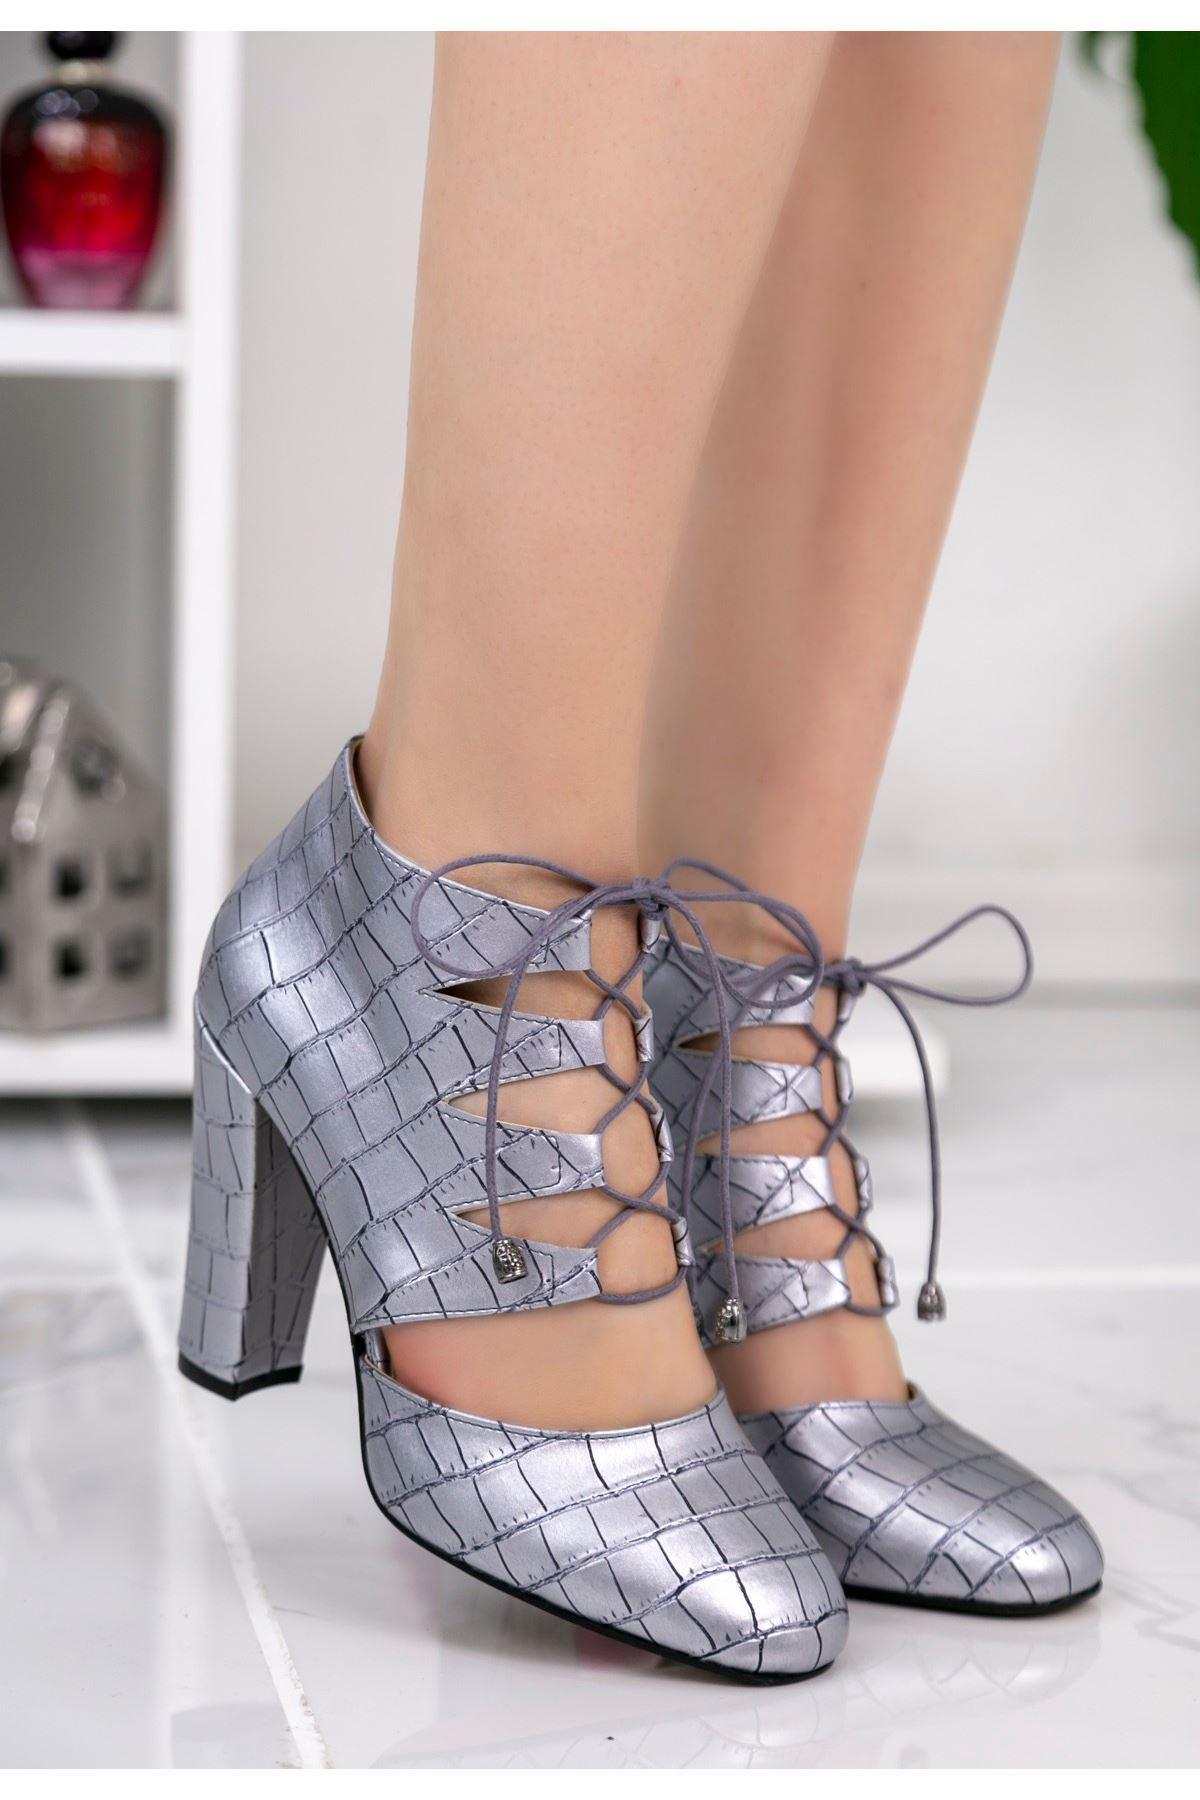 Jocey Gümüş Cilt Desenli Topuklu Ayakkabı